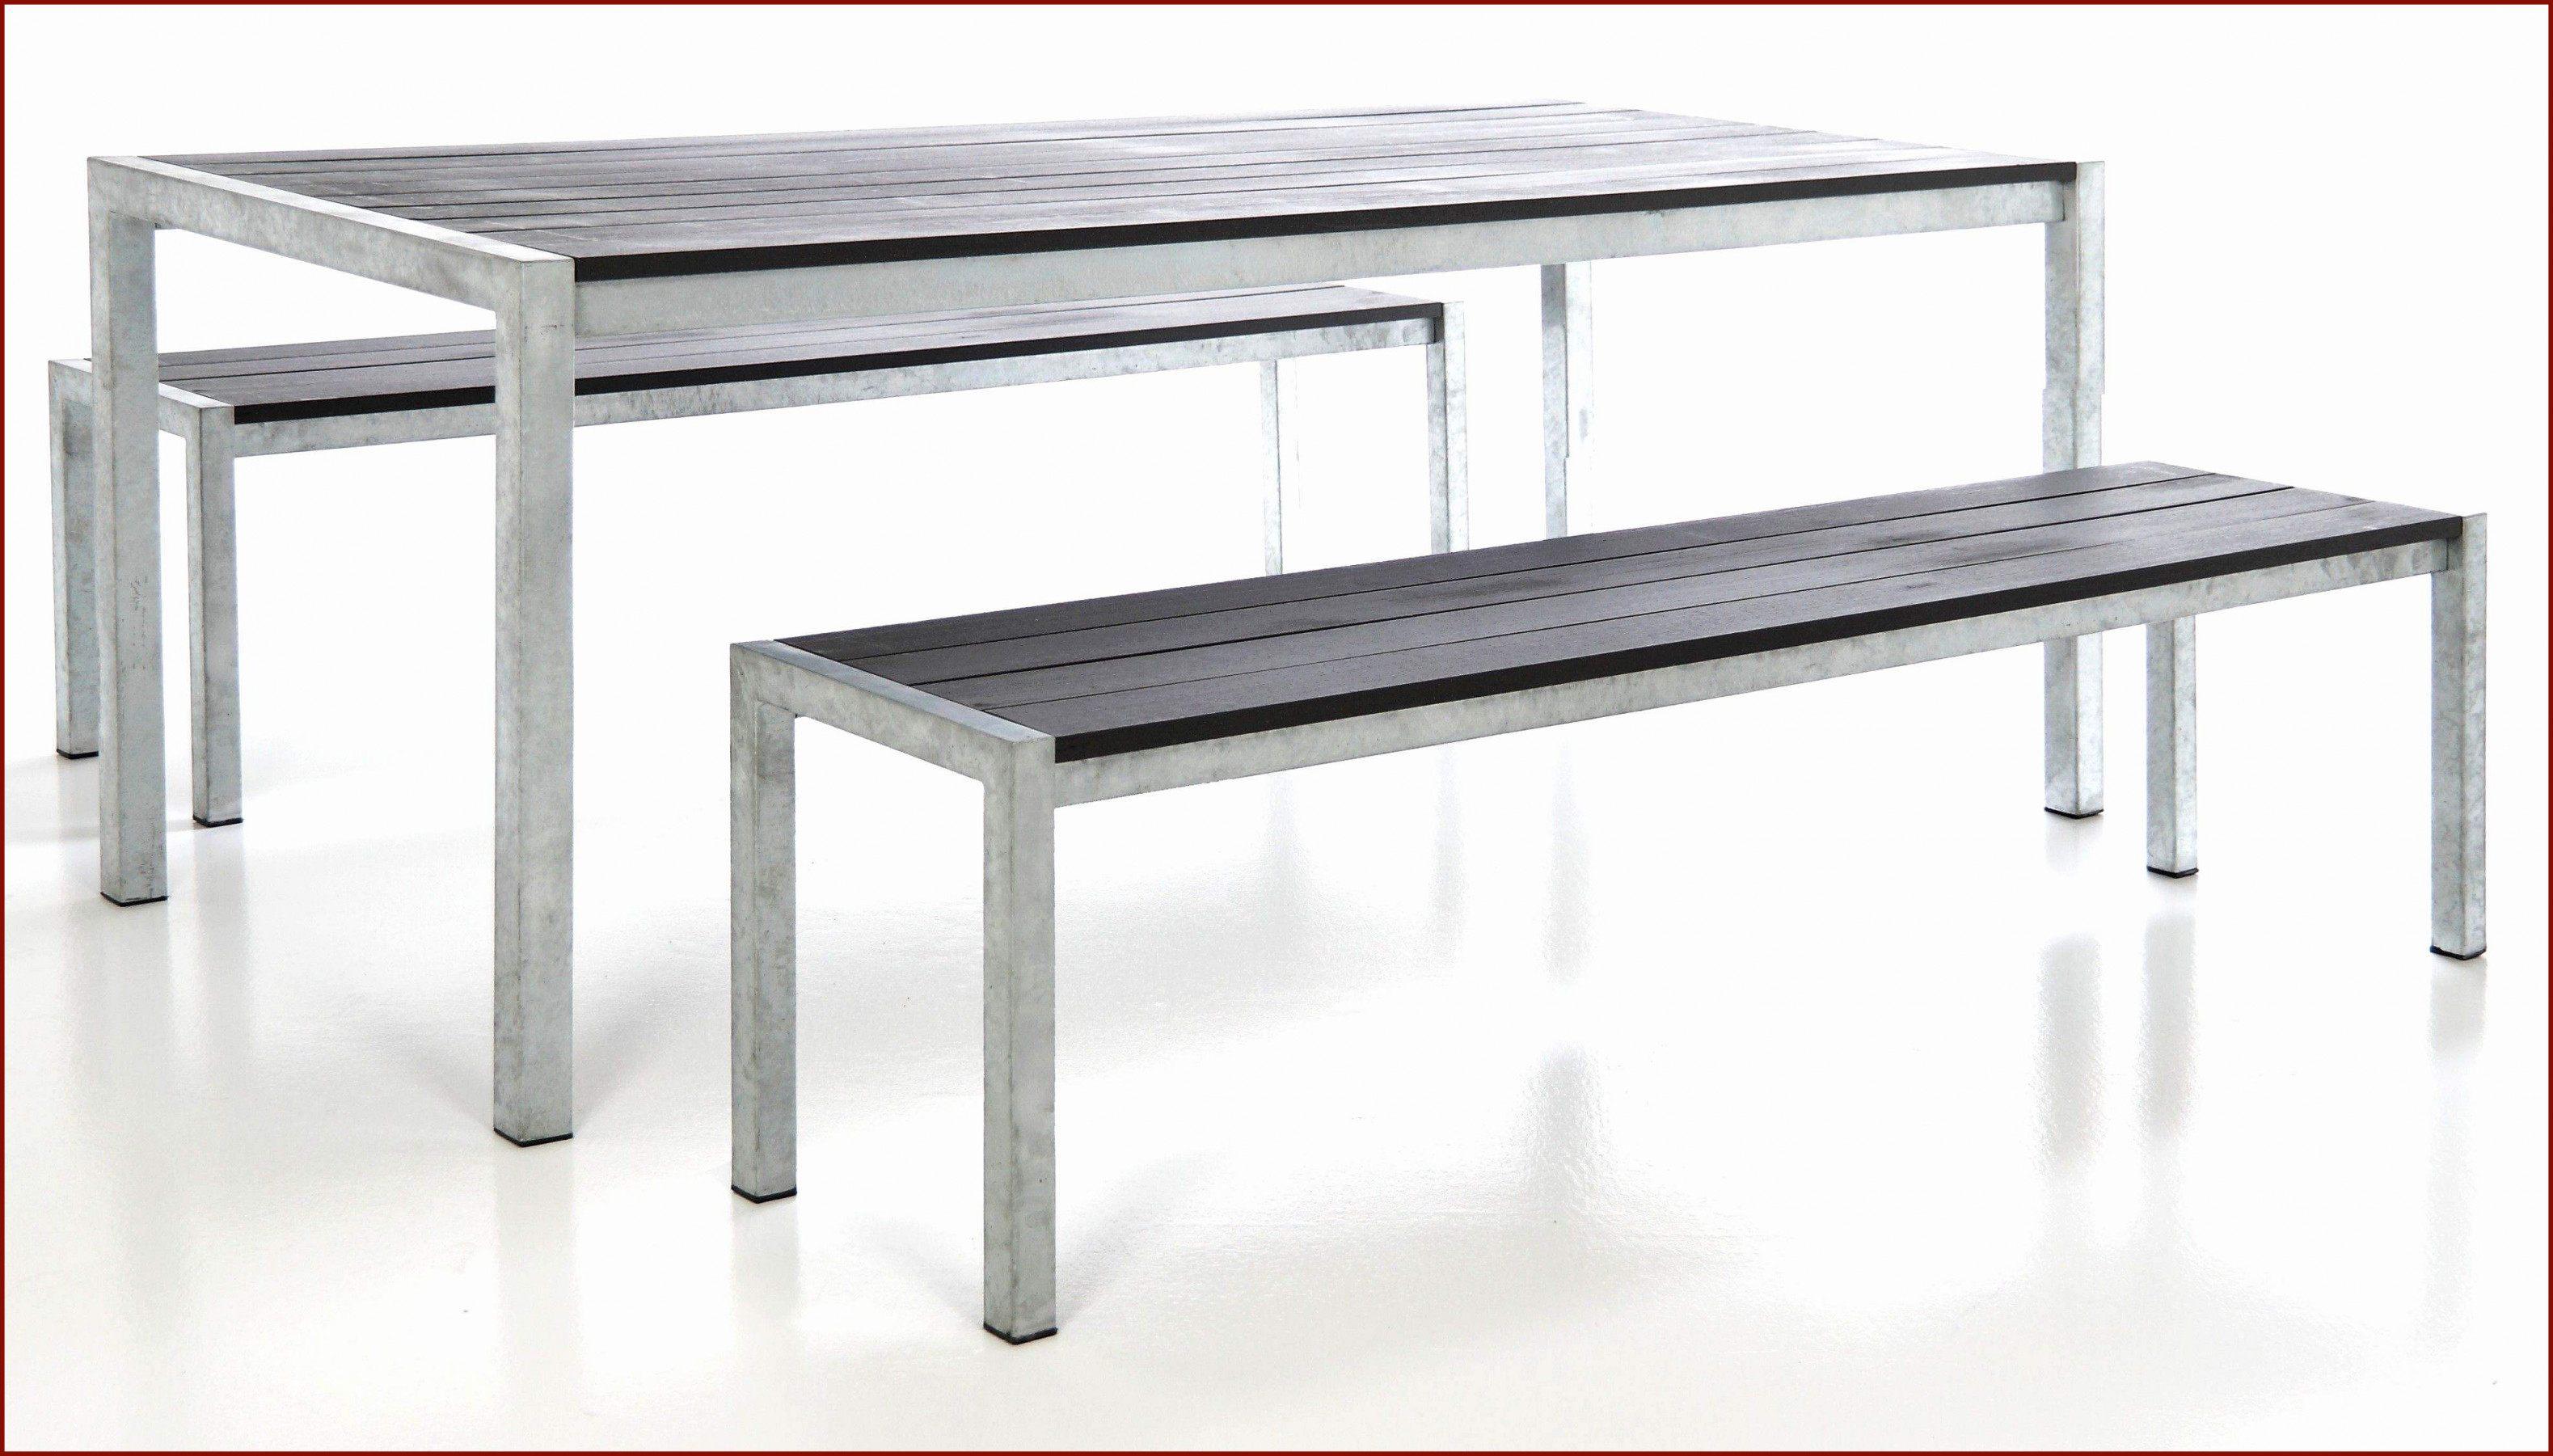 Lit En Bois Pliant Ikea Agréable Table A Langer Baignoire Bois Belle Table Pliable Ikea New Lit En